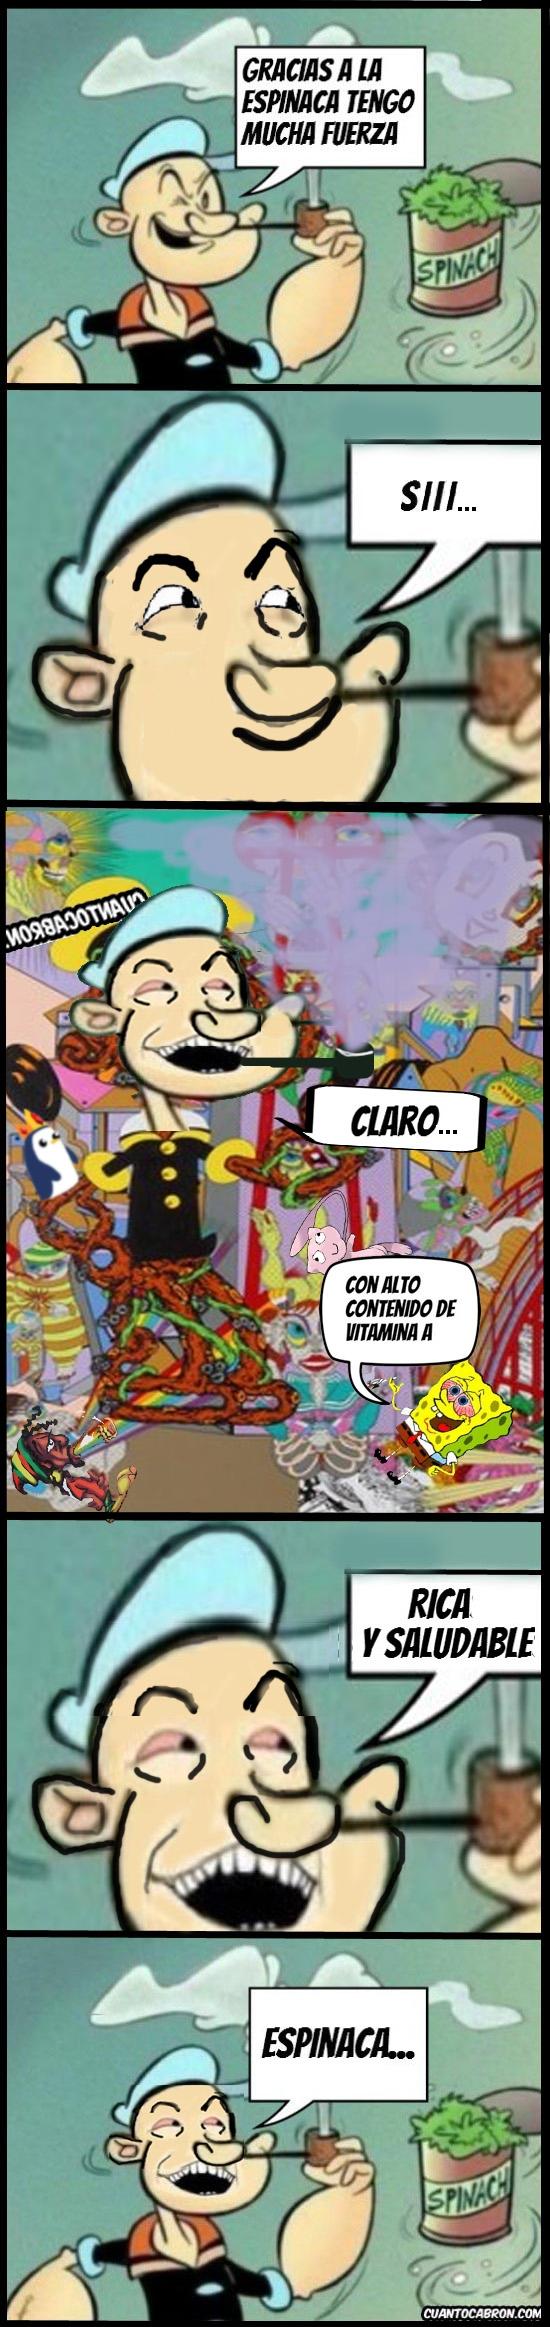 Si_claro - El Secreto de Popeye el Marino